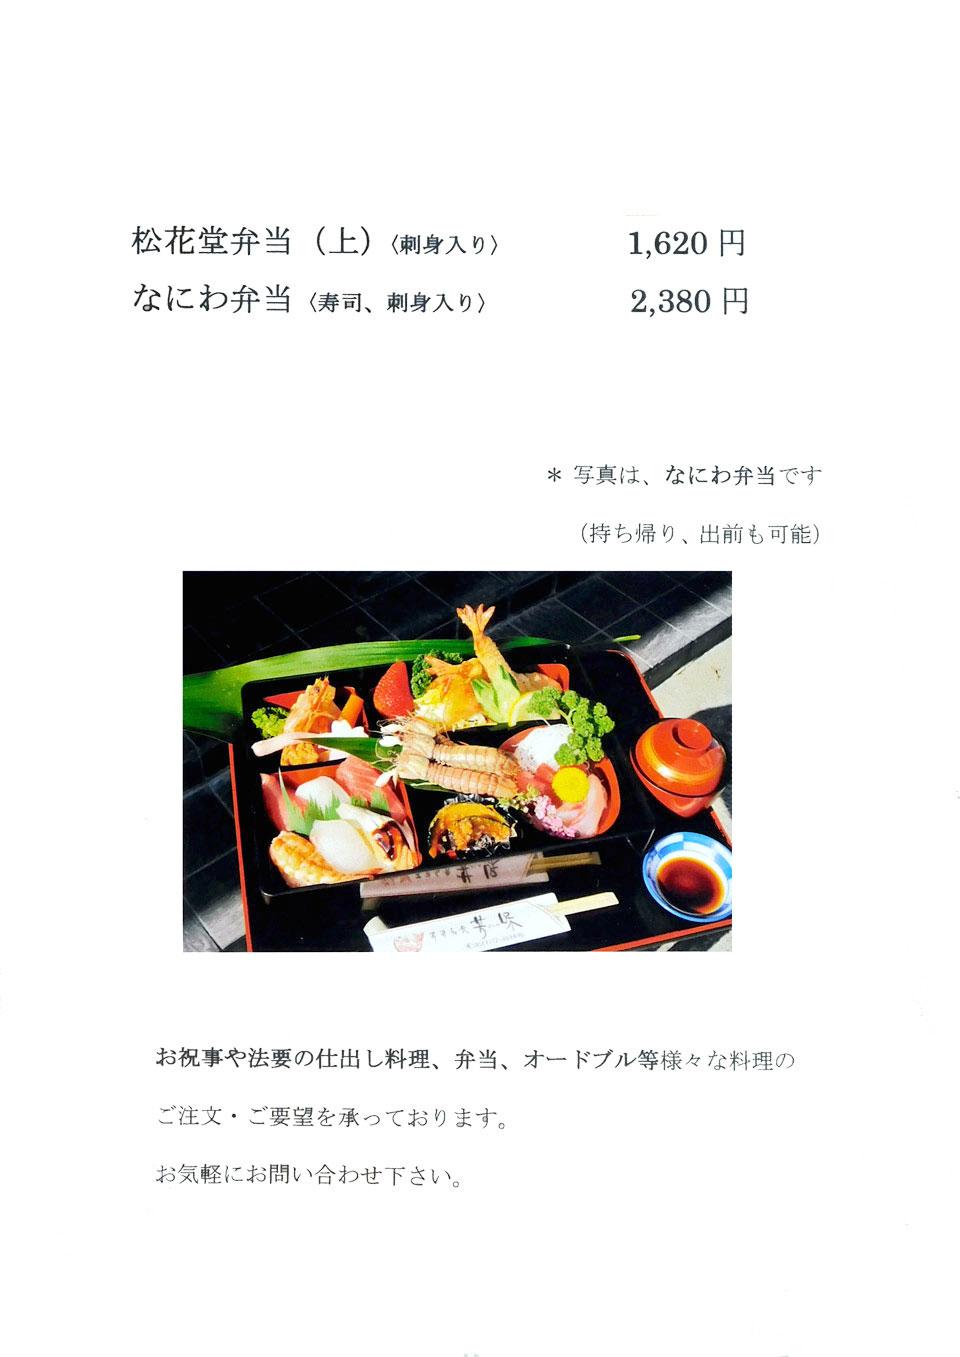 芳味【公式ページ】愛知県知多郡武豊町